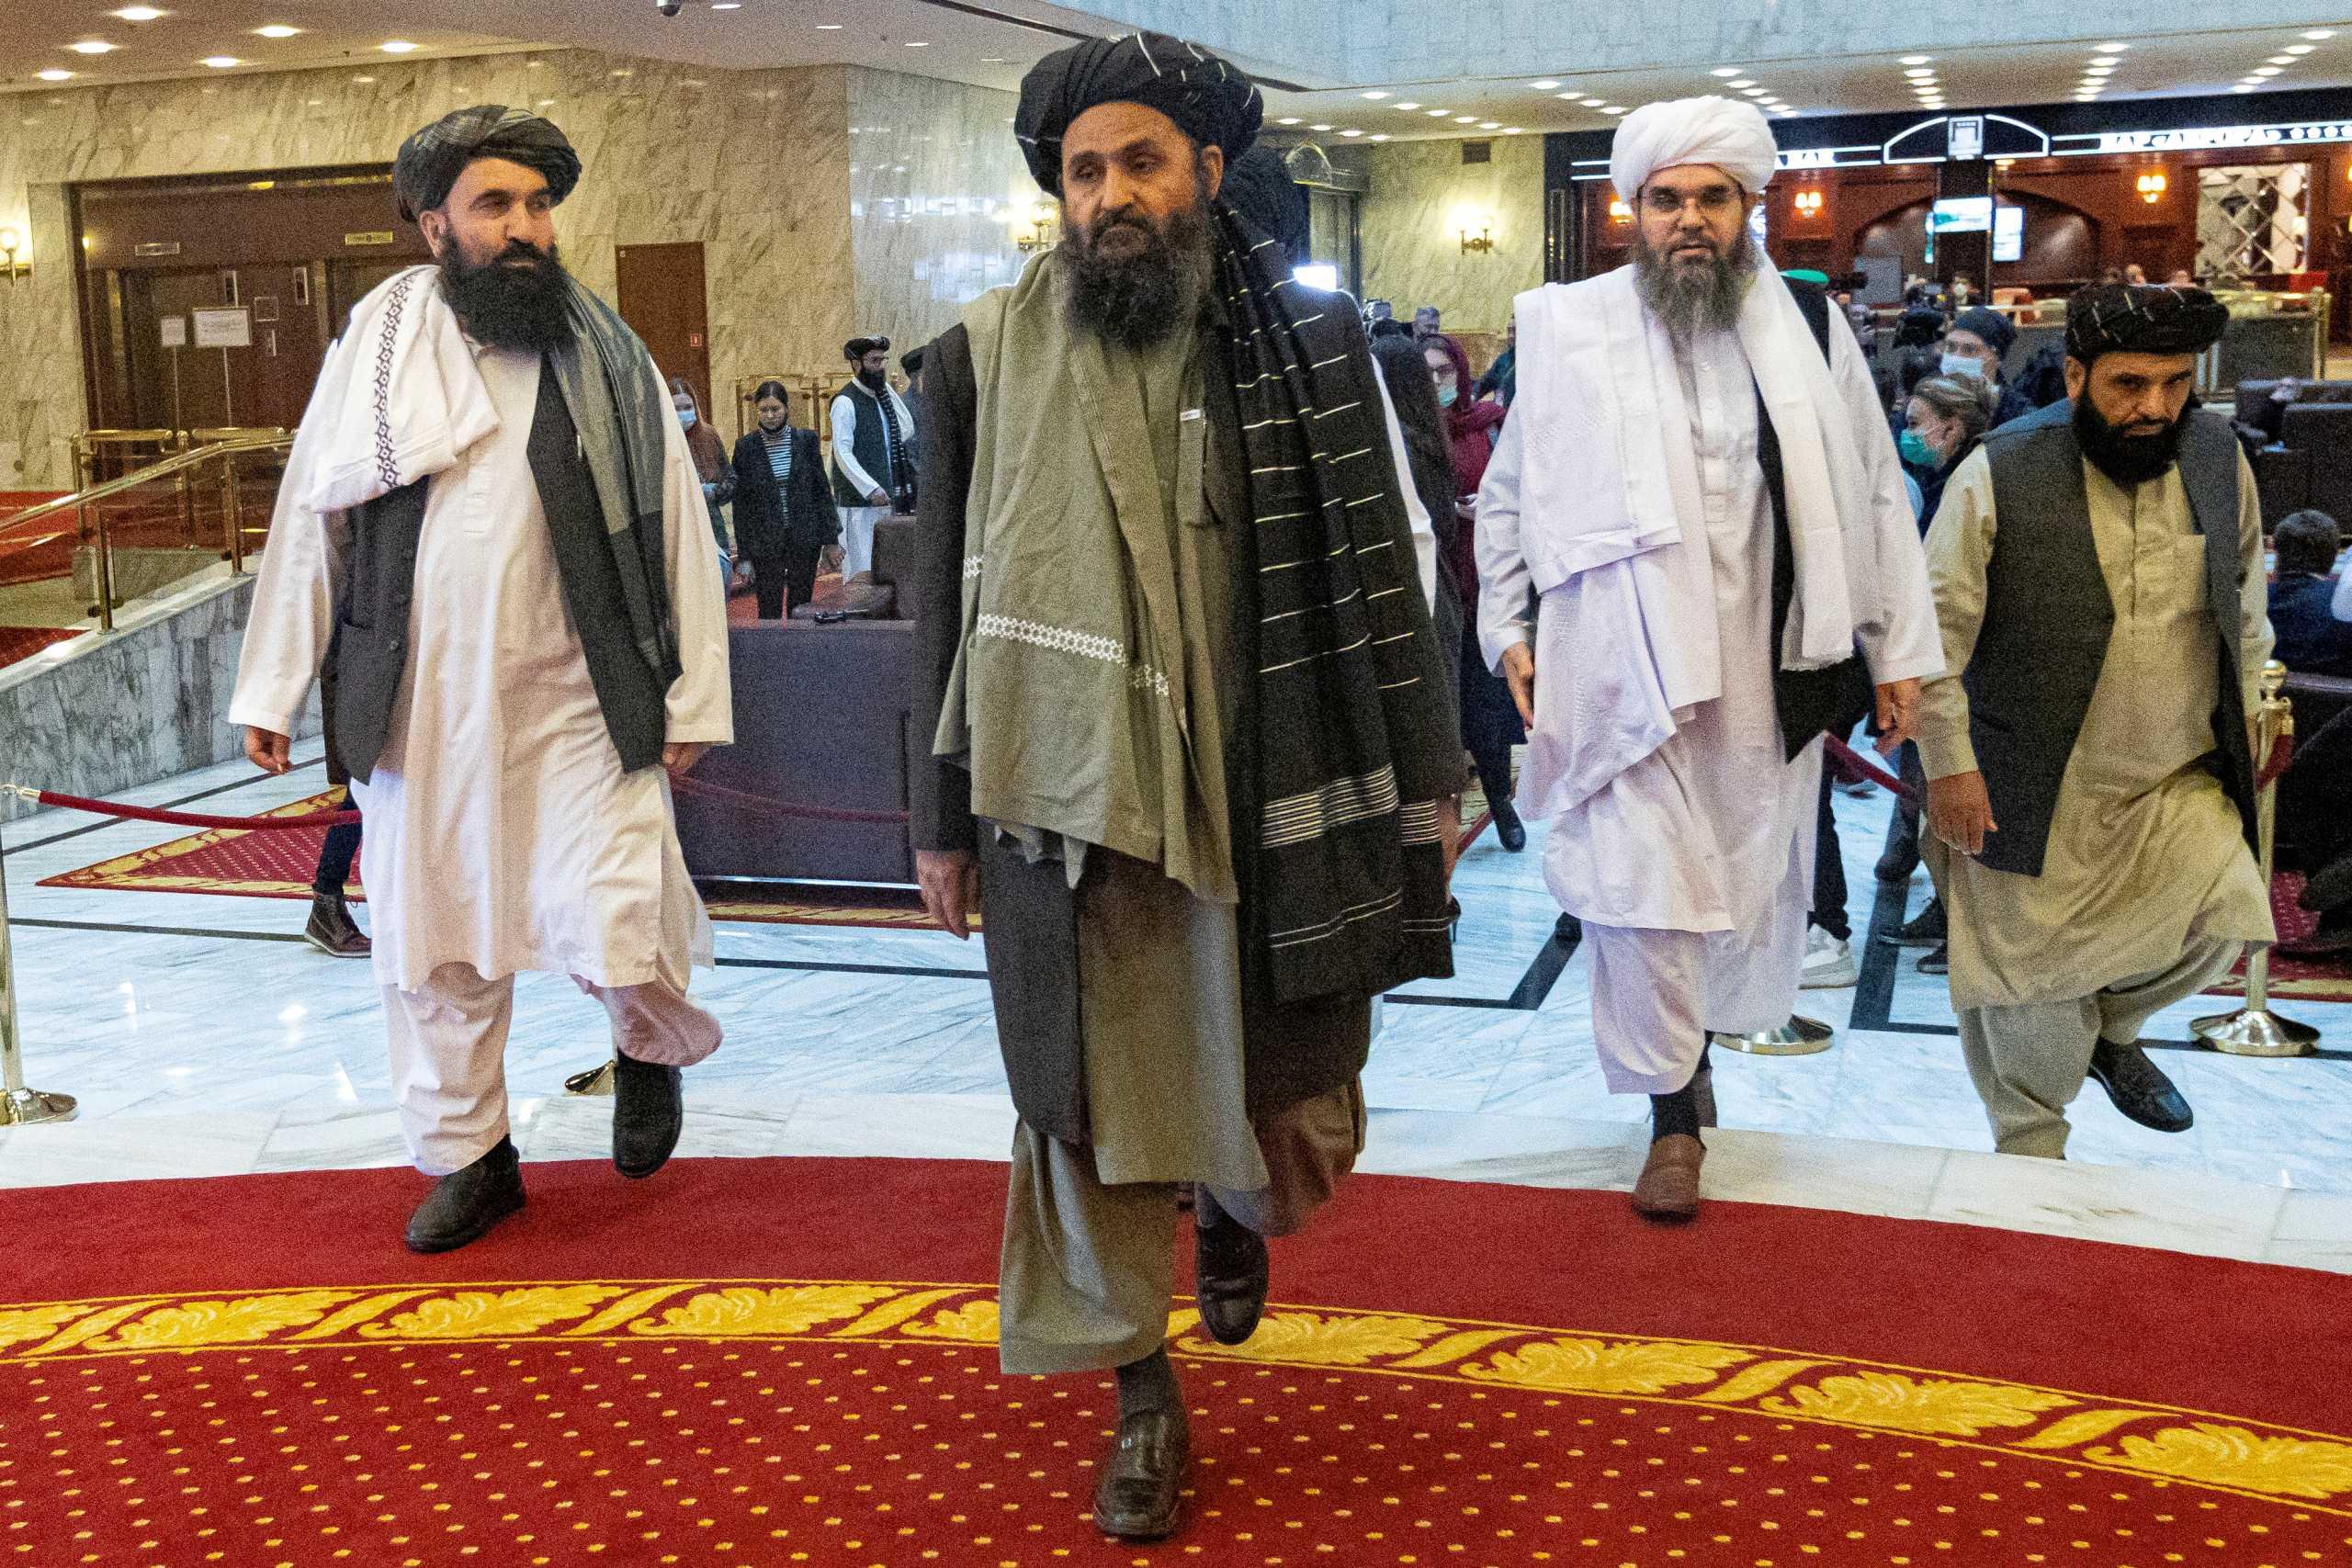 Αφγανιστάν: Στην Καμπούλ ο Νο2 των Ταλιμπάν – Ζυμώσεις για το σχηματισμό κυβέρνησης